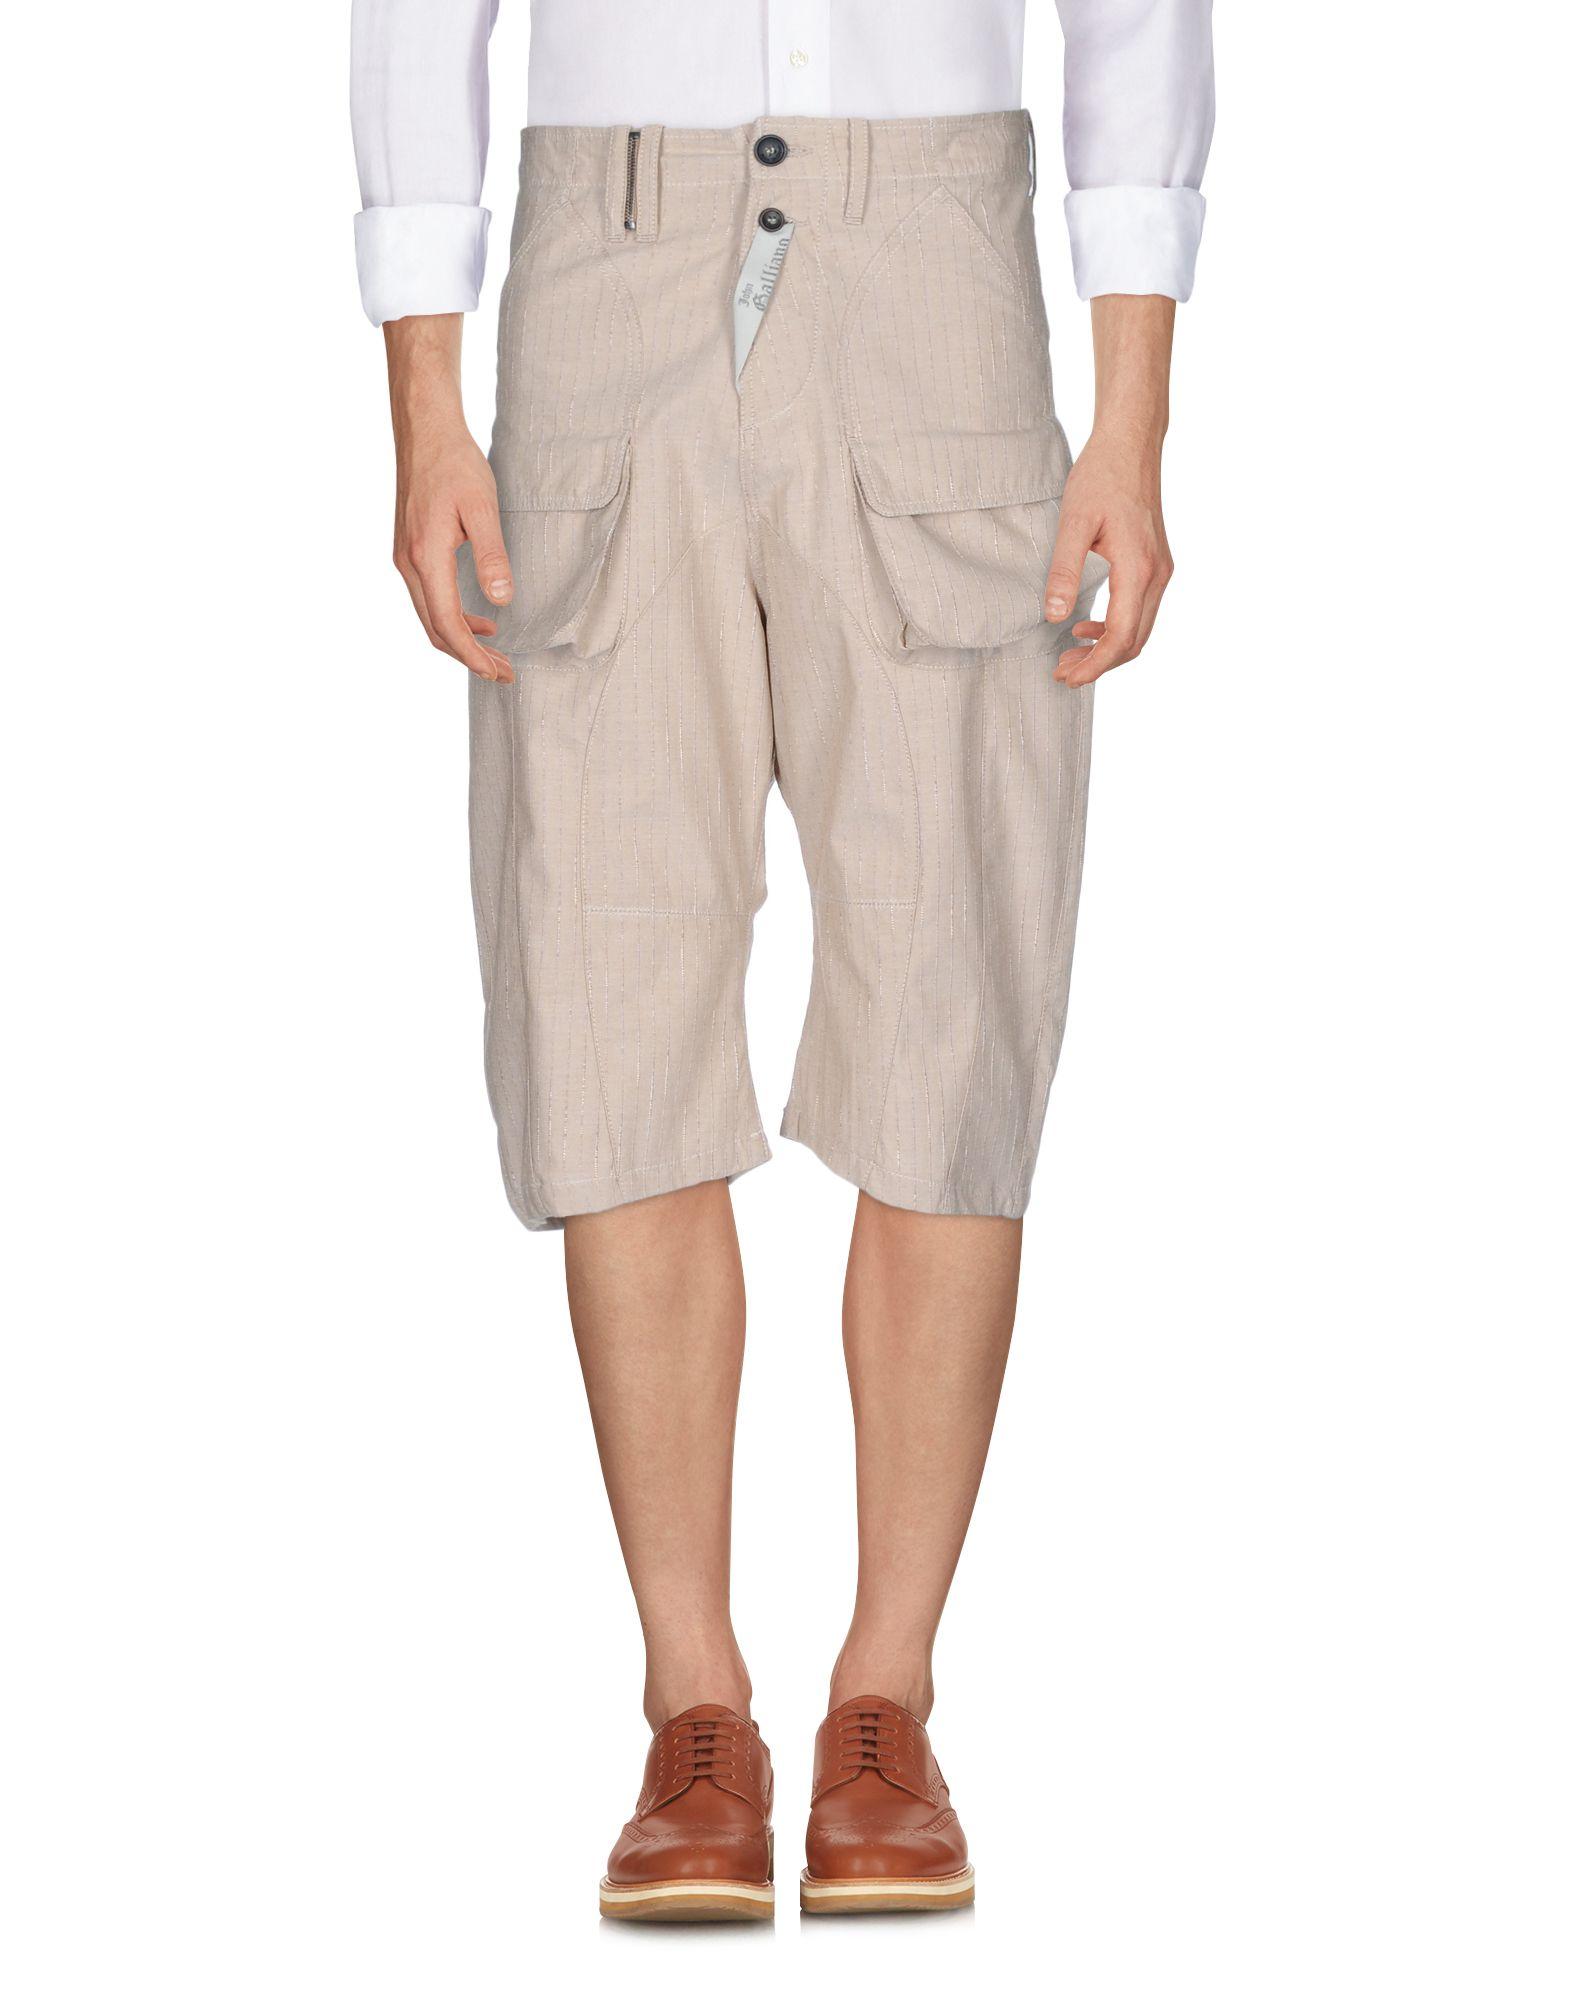 Pantalone Capri John Galliano Uomo - Acquista online su